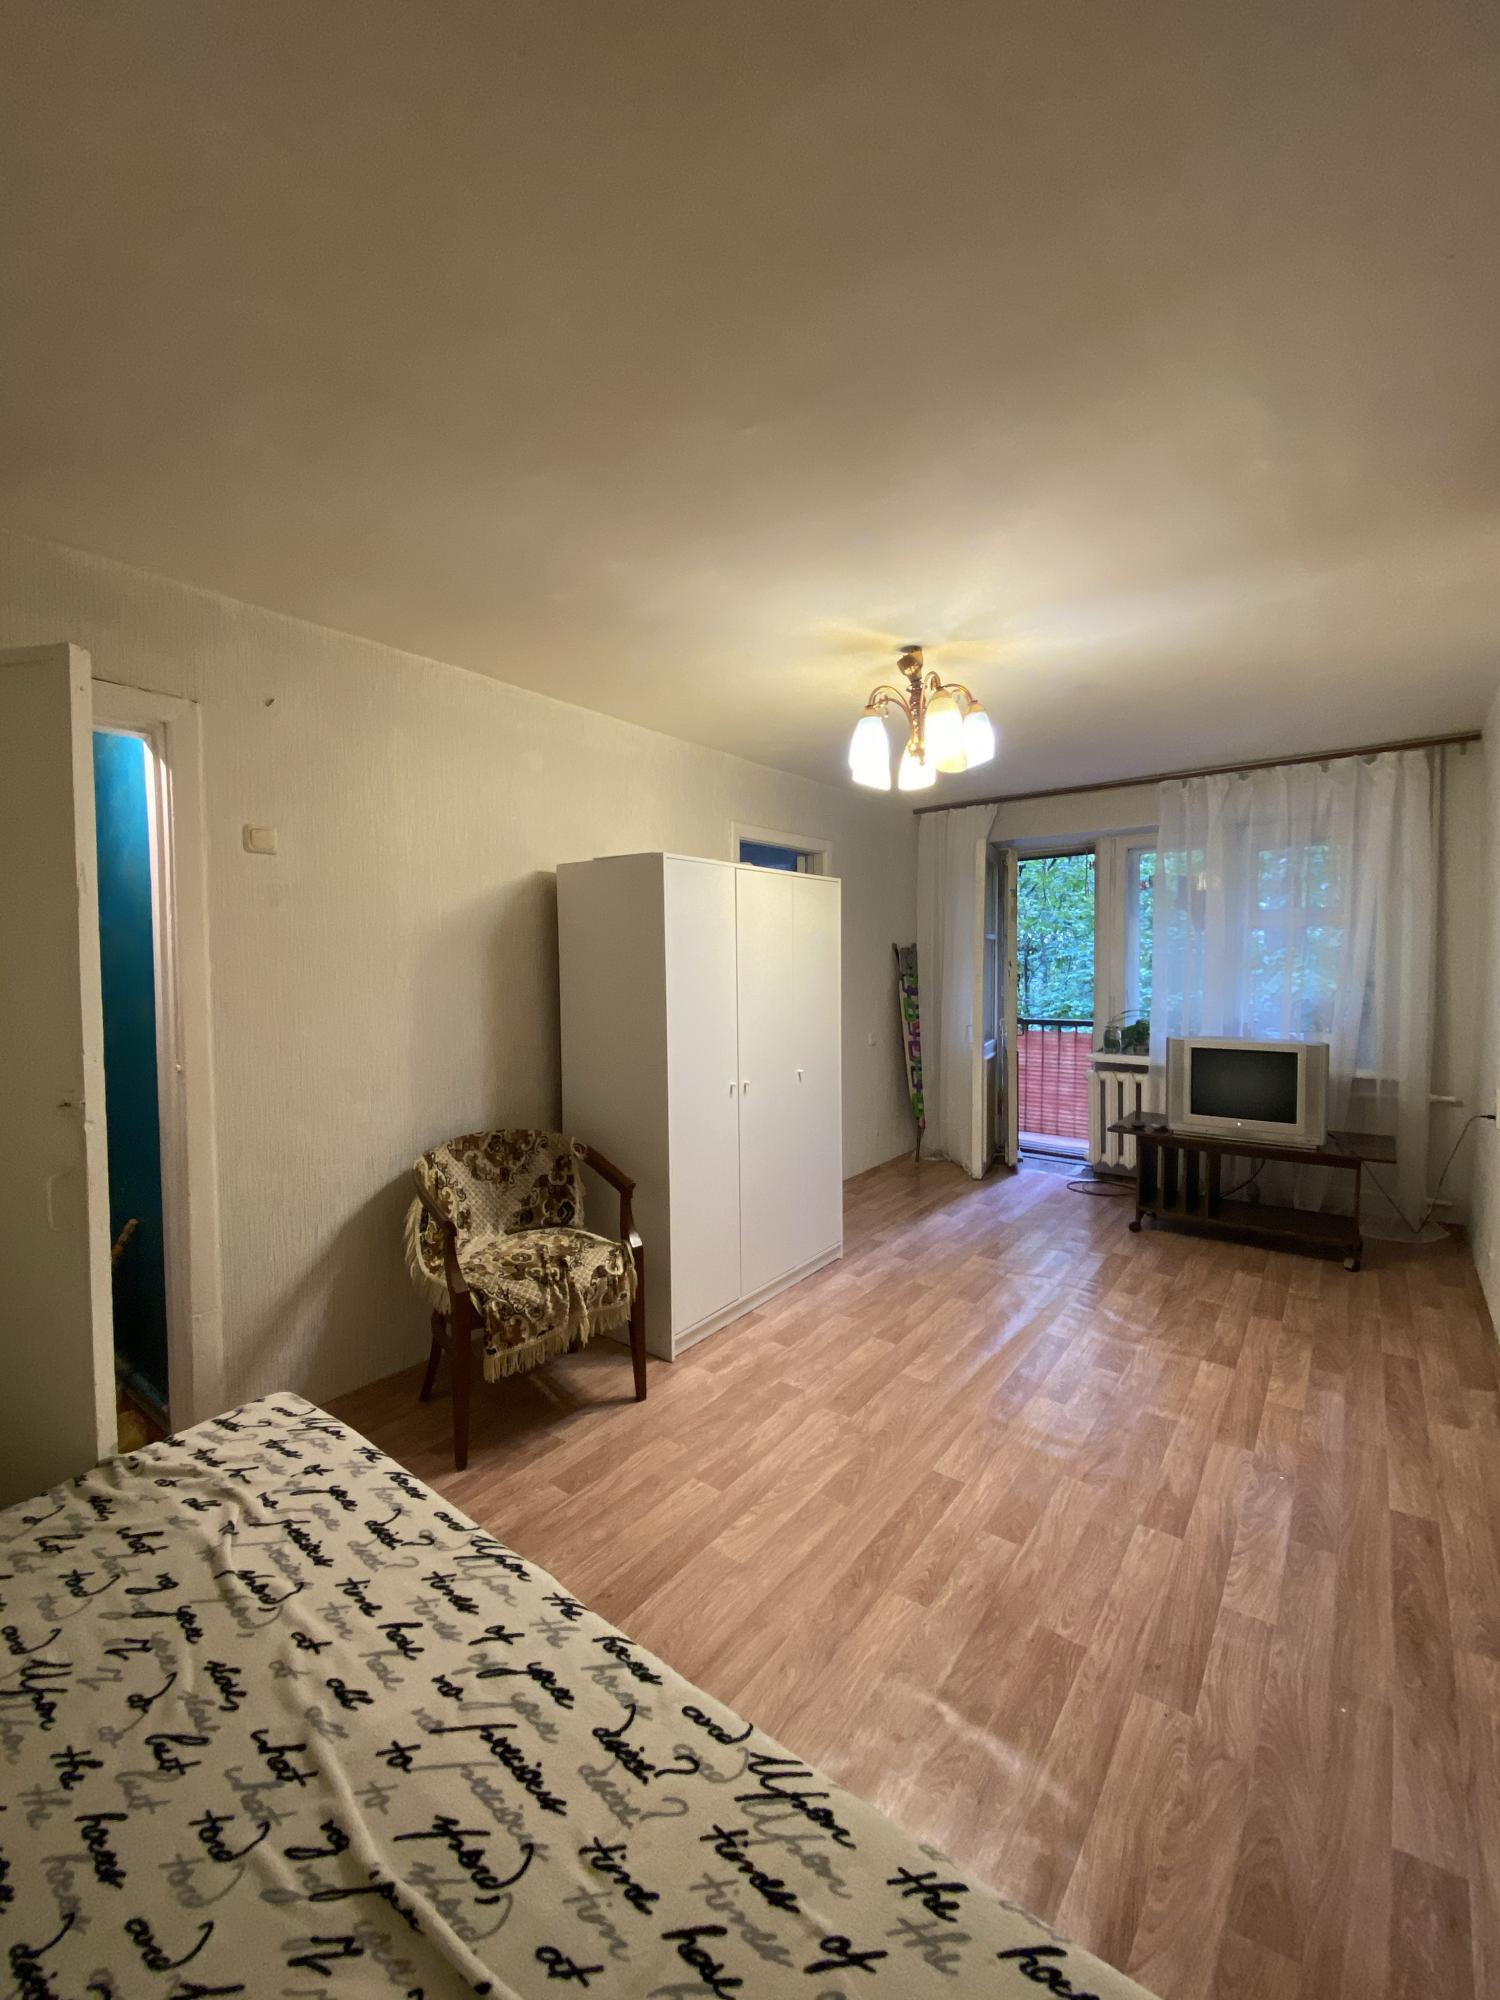 Квартира, 2 комнаты, 45 м² в Москве 89258557885 купить 4